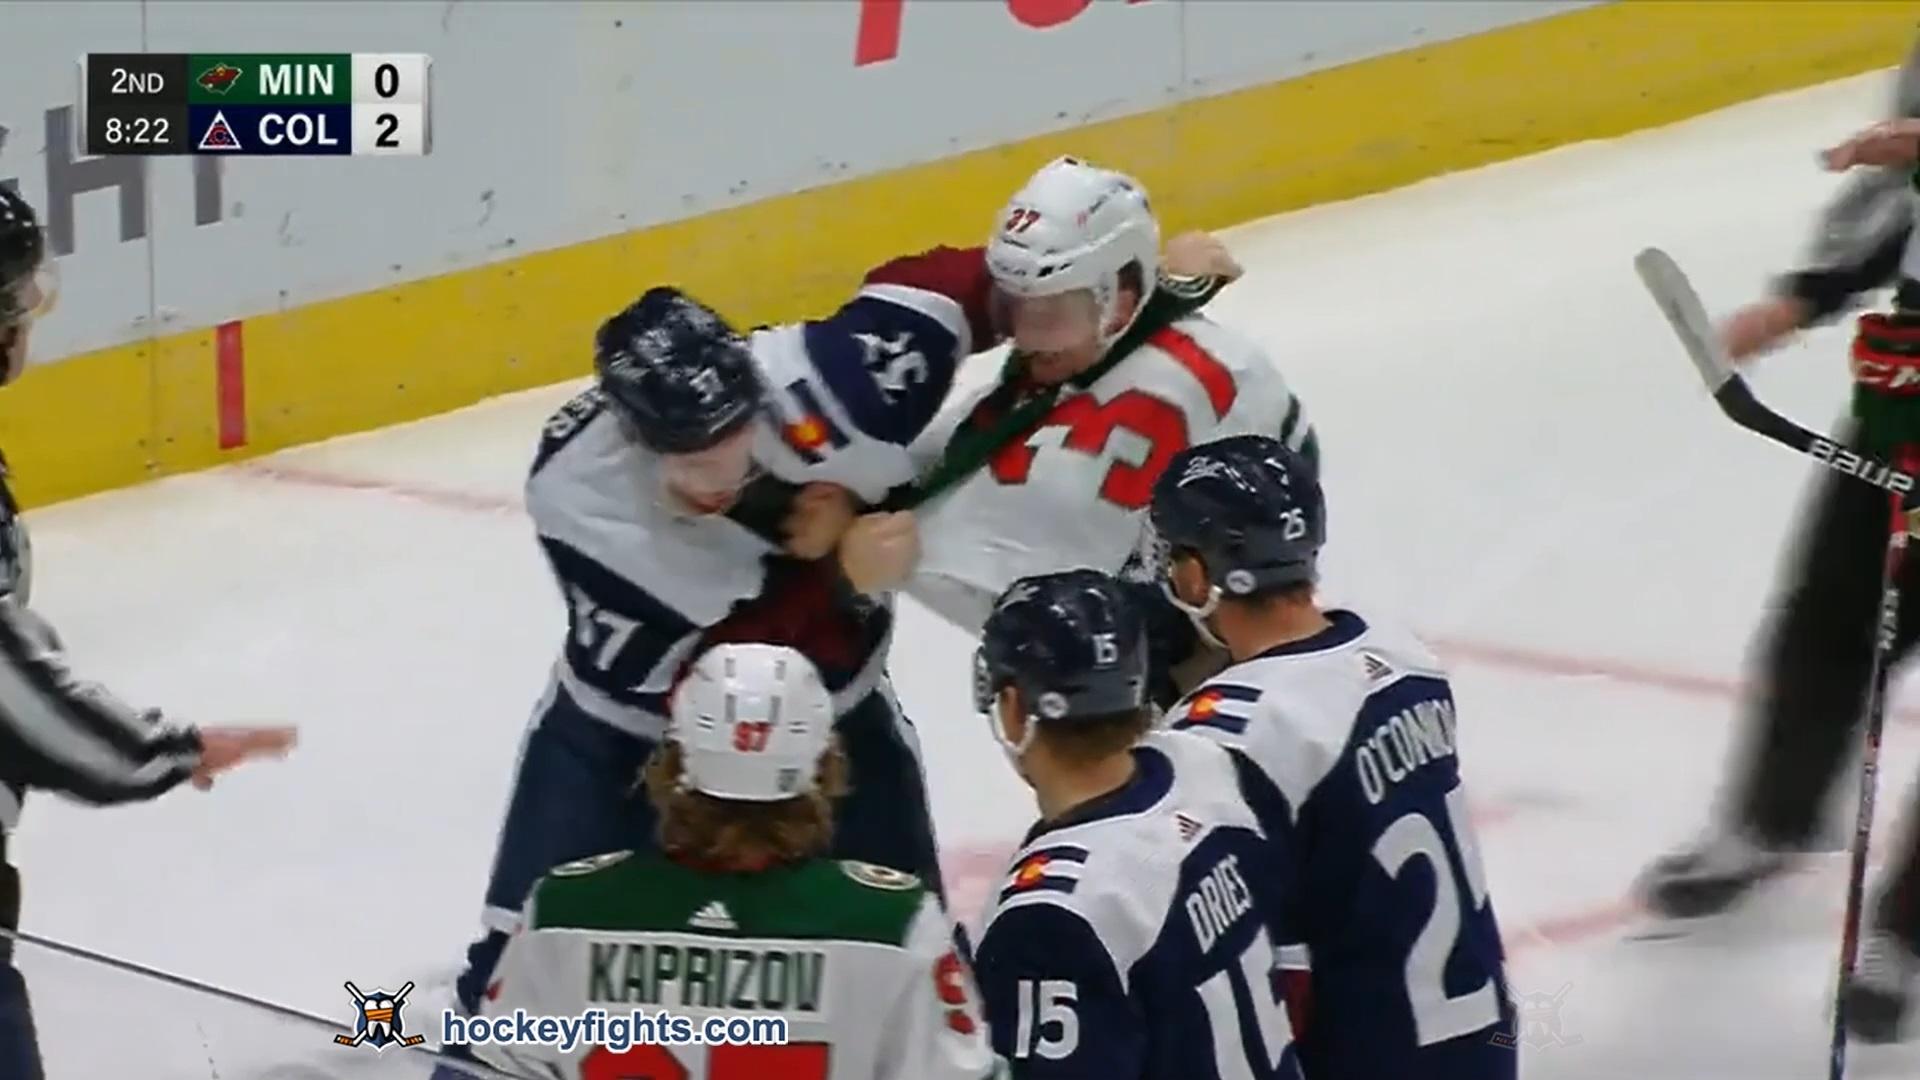 JT Compher vs. Kyle Rau